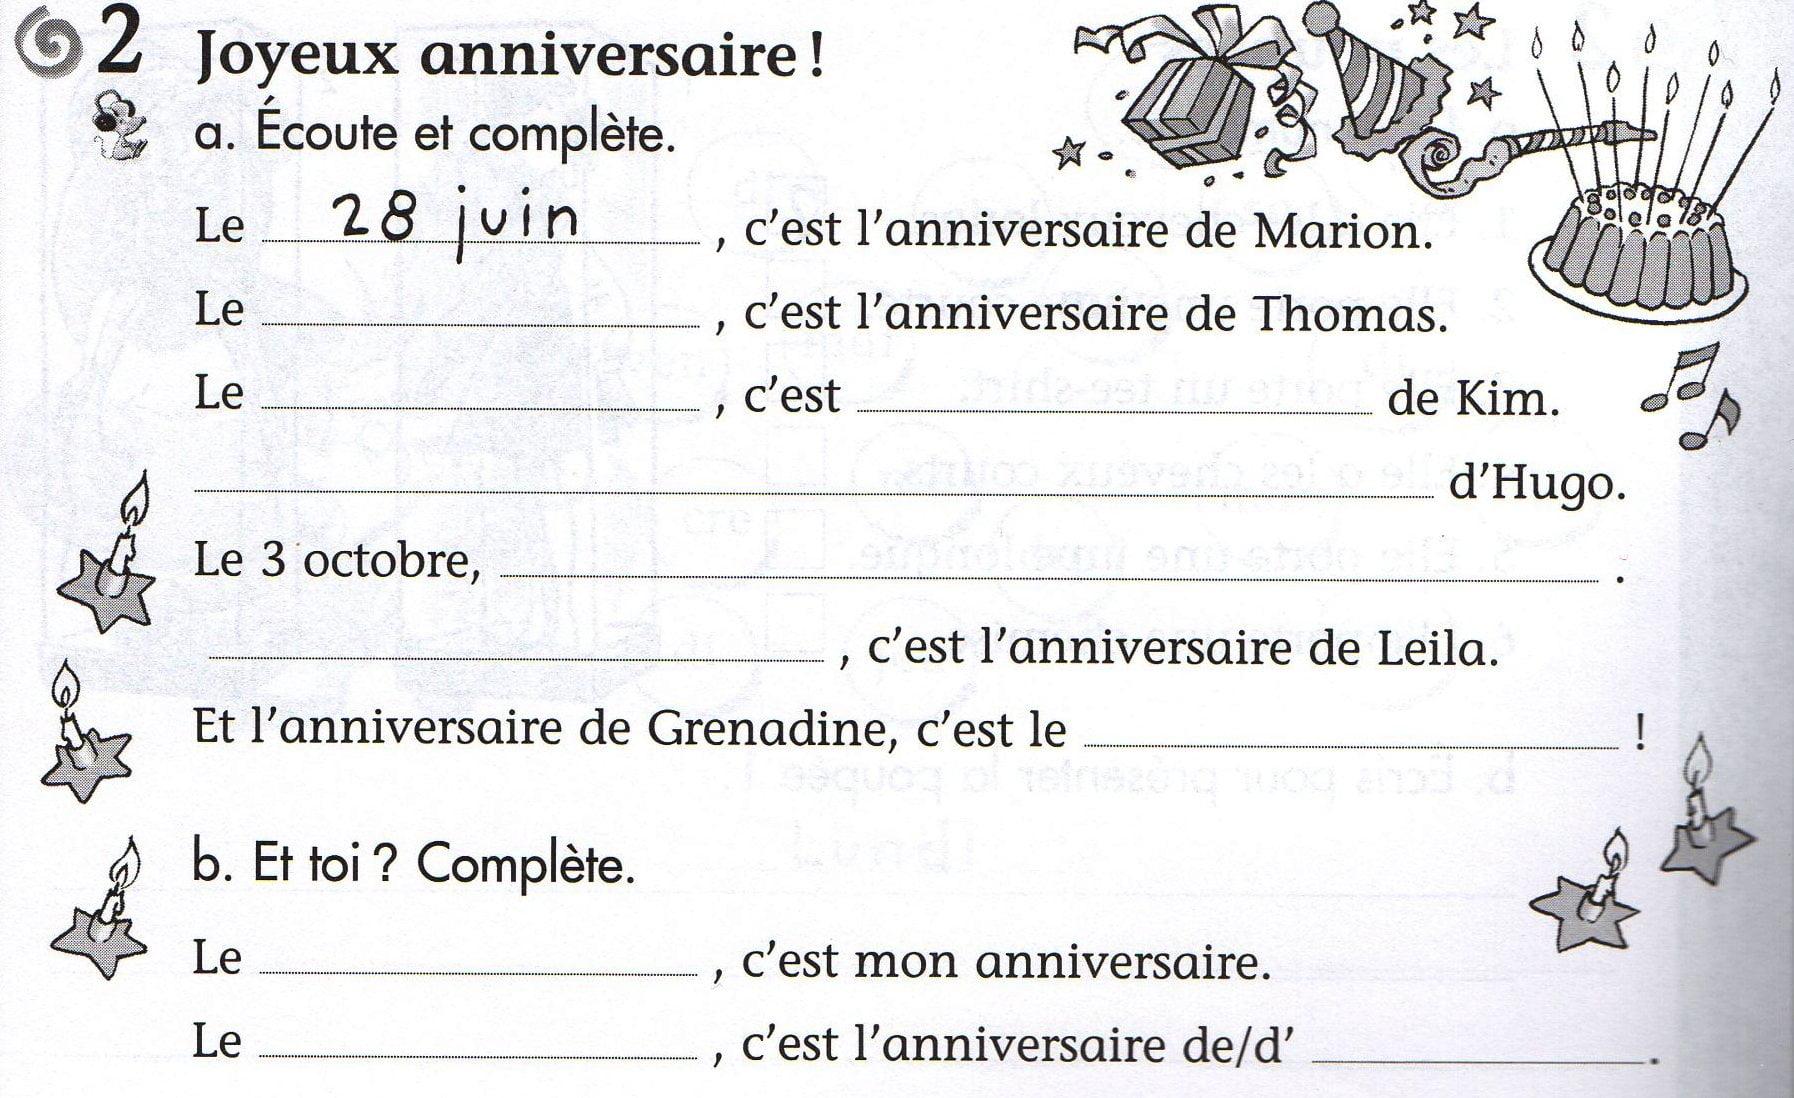 exercices_anniversaire_grenadine